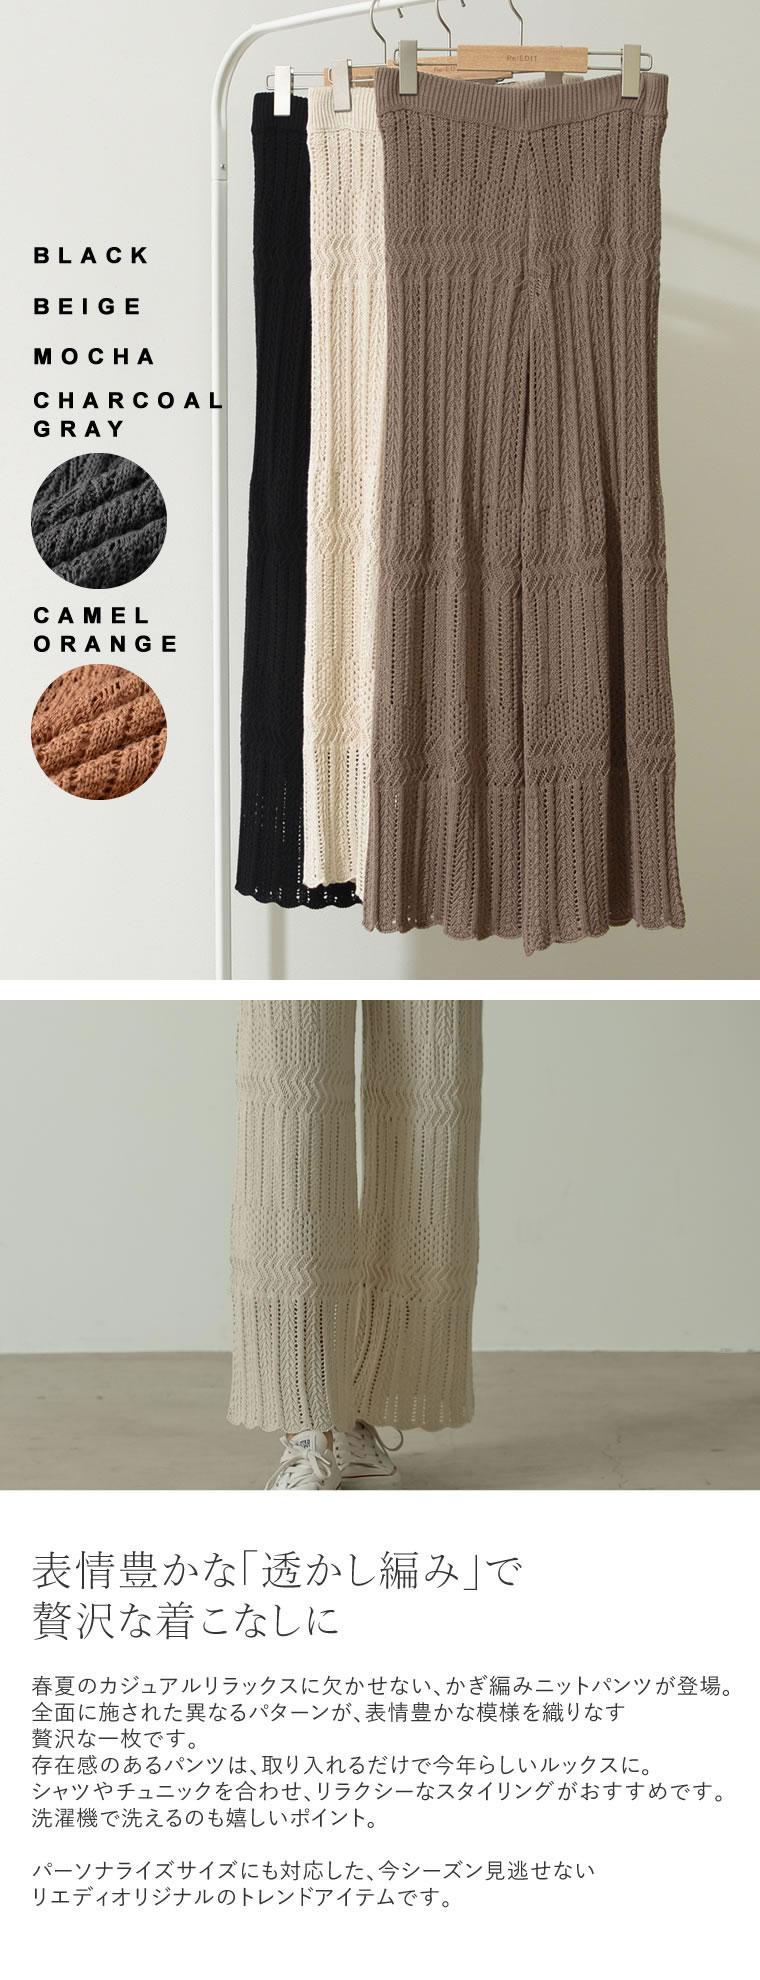 Re:EDIT‐リエディ [低身長向けSサイズ対応]かぎ編みニットパンツ